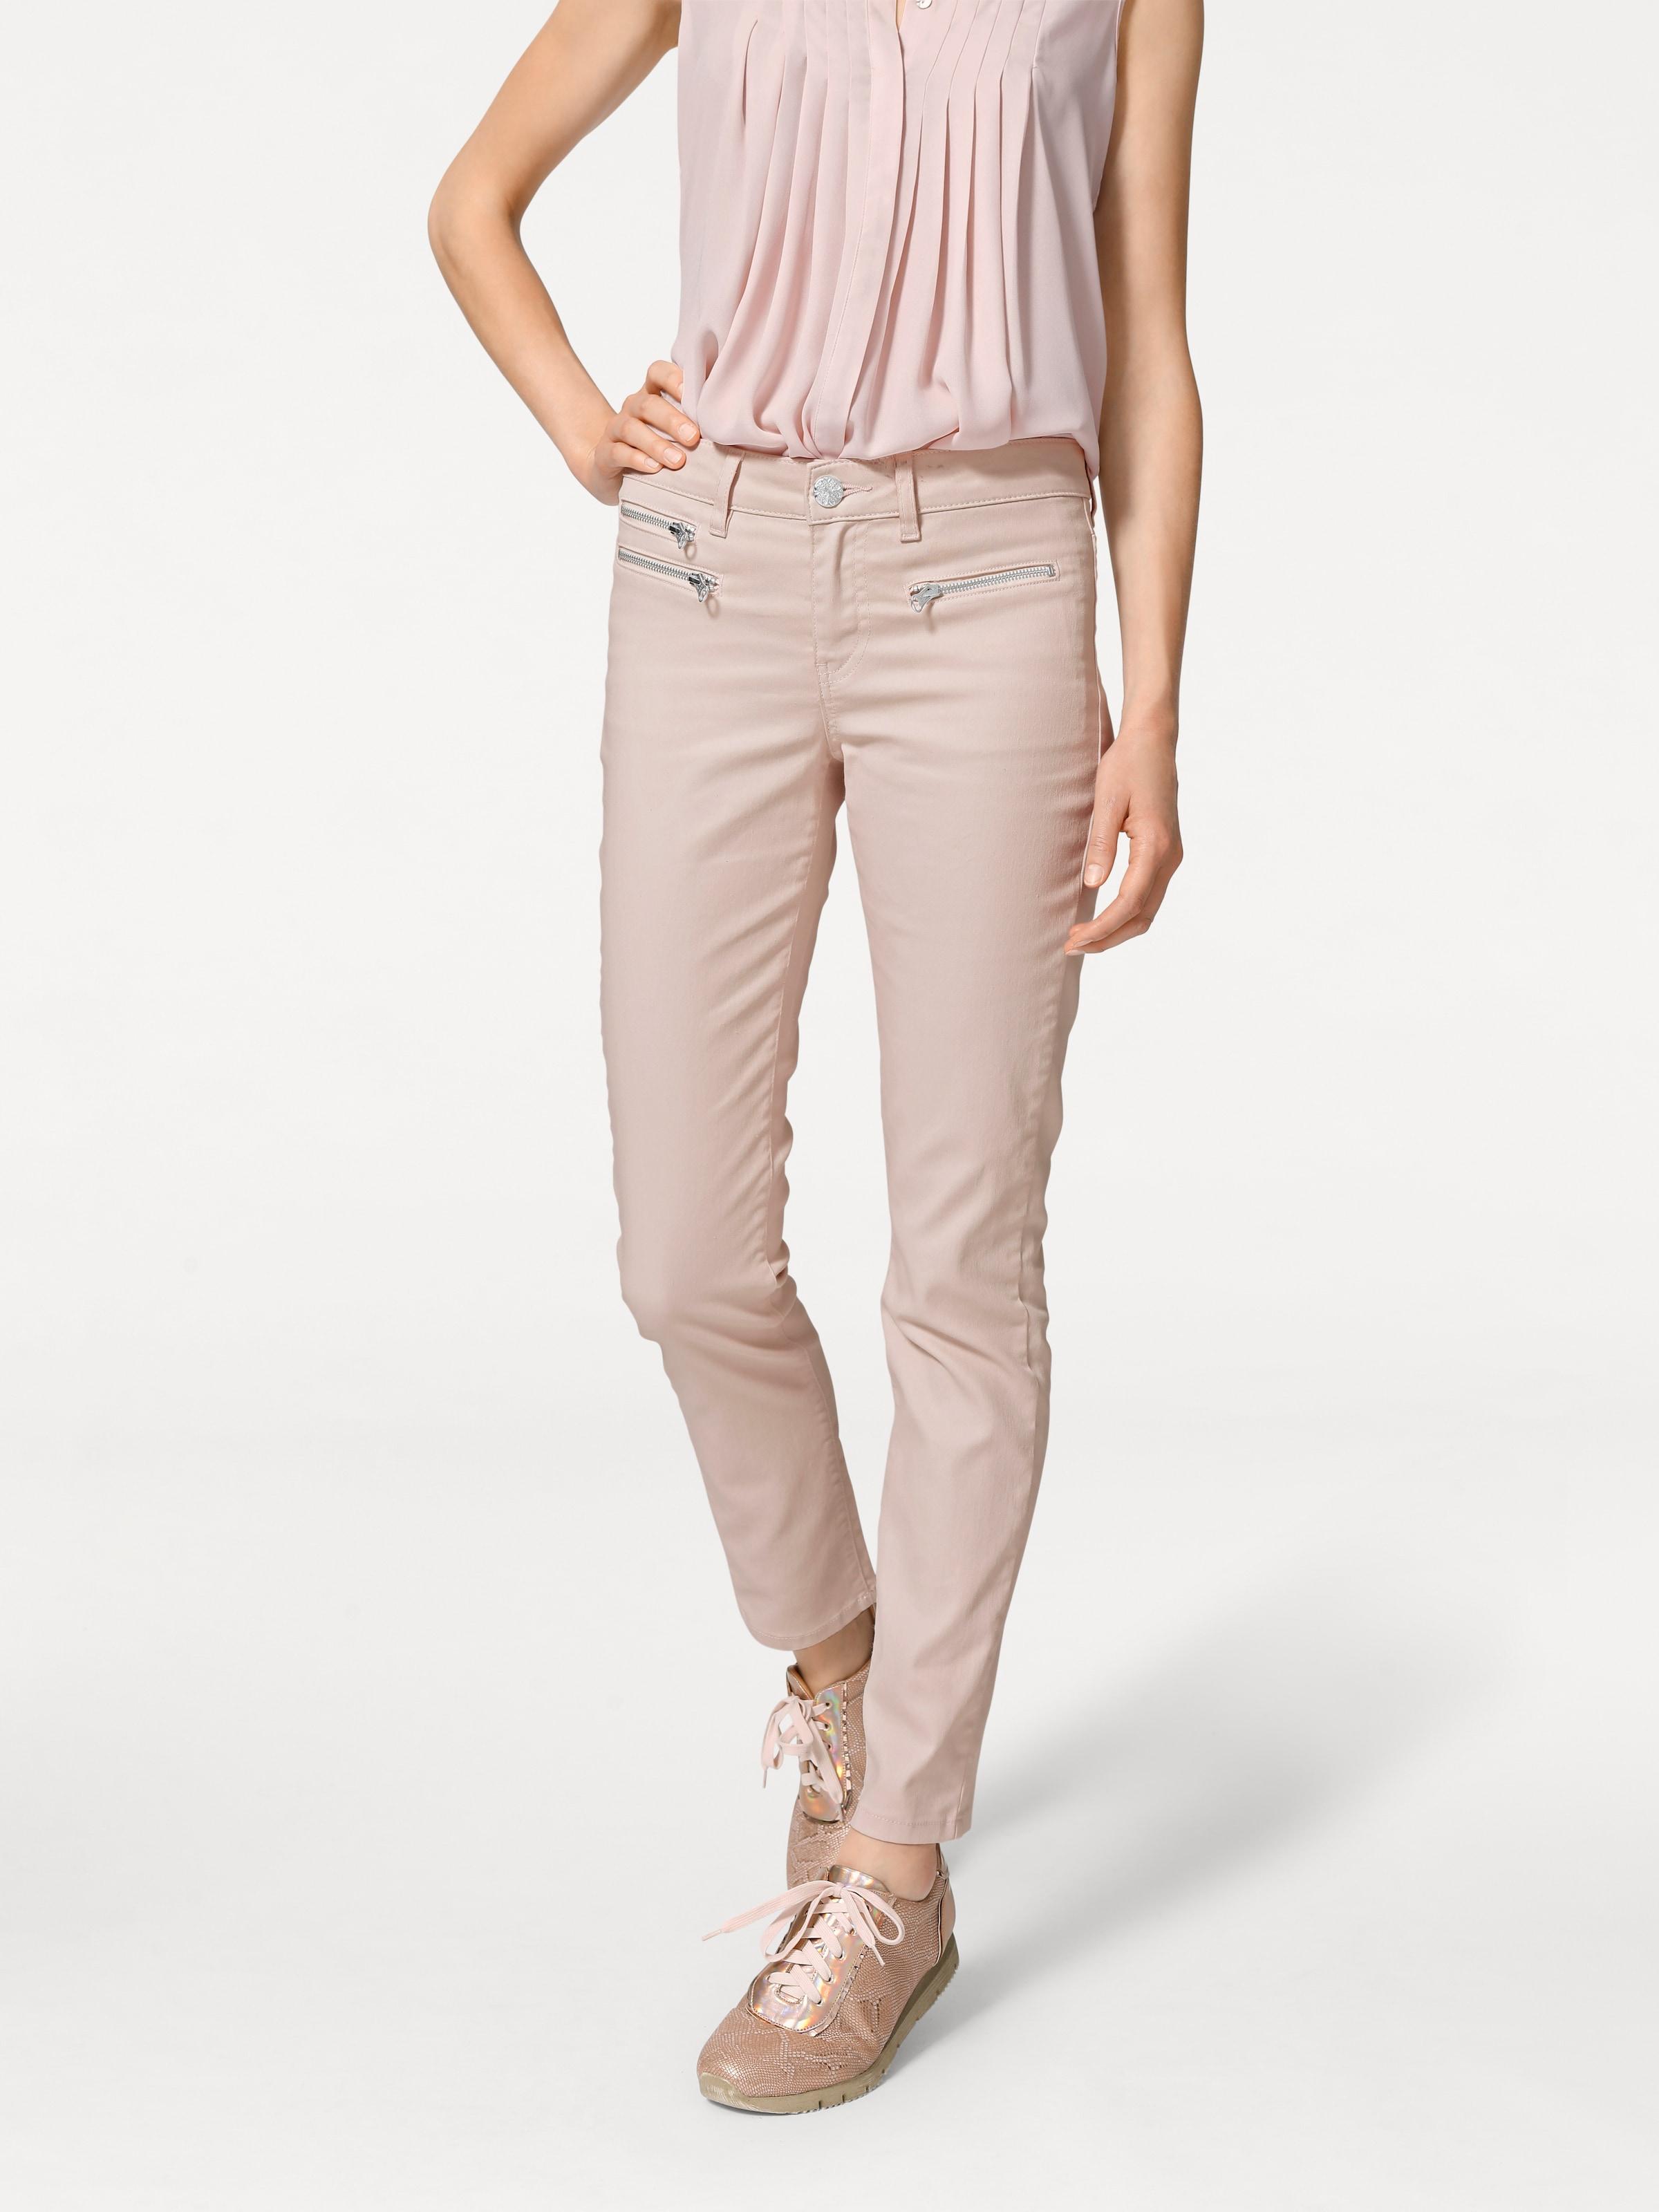 Altrosa Jeans Heine Heine Jeans In Altrosa In Heine Jeans FKclJuT13